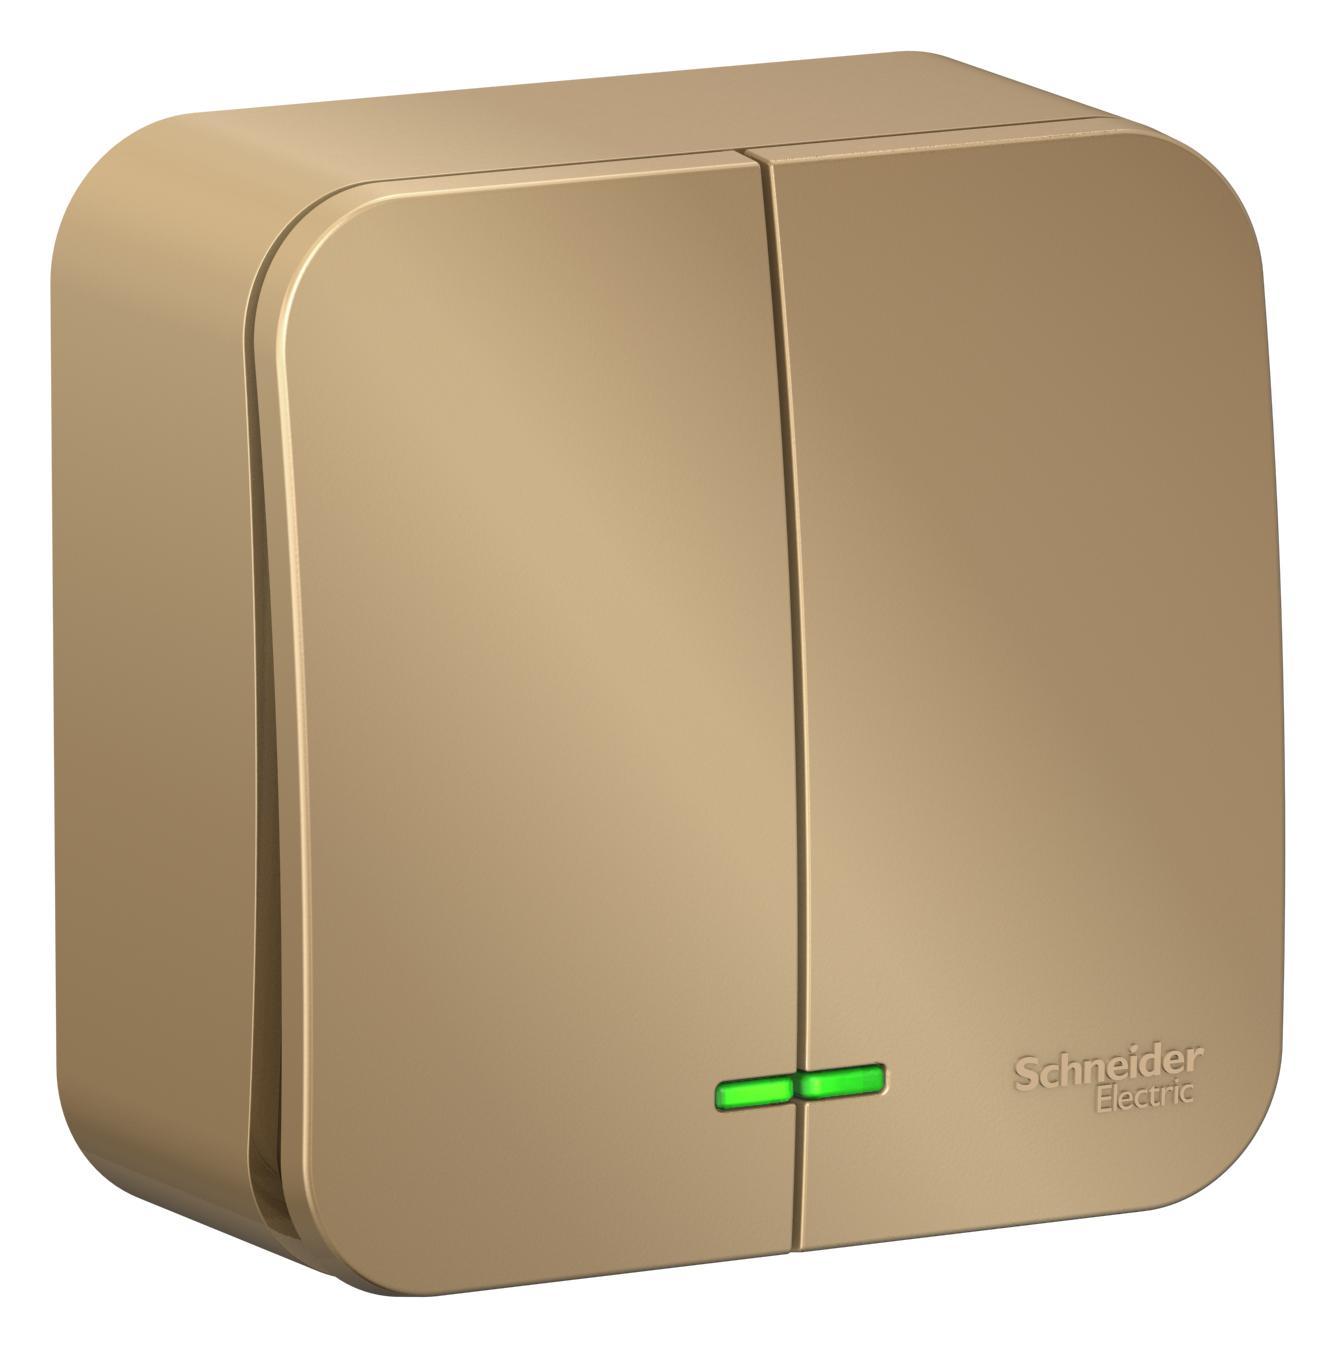 Выключатель Schneider electric Blnva105114 blanca выключатель schneider electric blnva105014 blanca